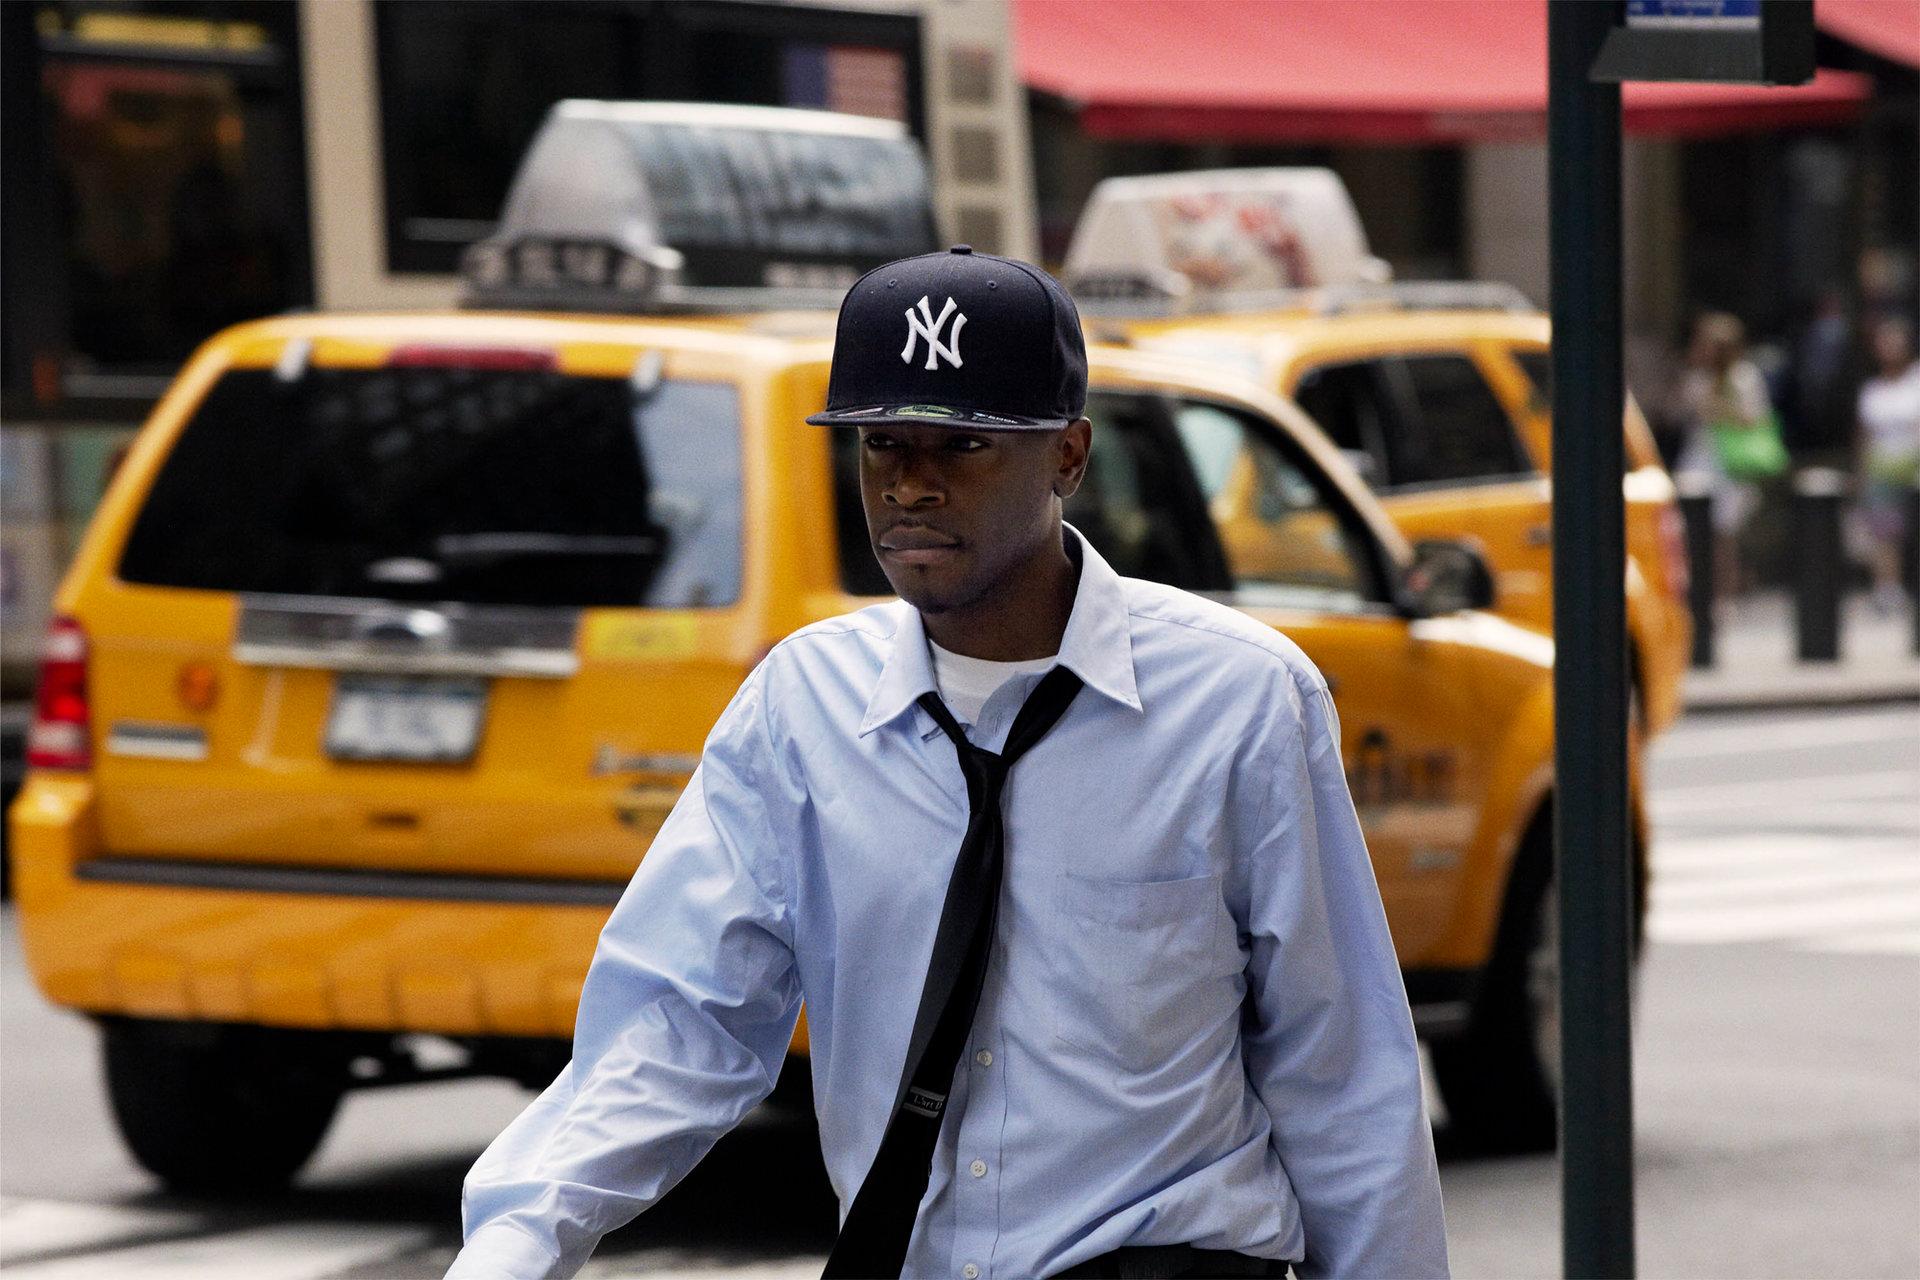 Nhiếp ảnh gia dành 10 năm ghi lại hình ảnh người qua đường New York mỗi buổi sáng